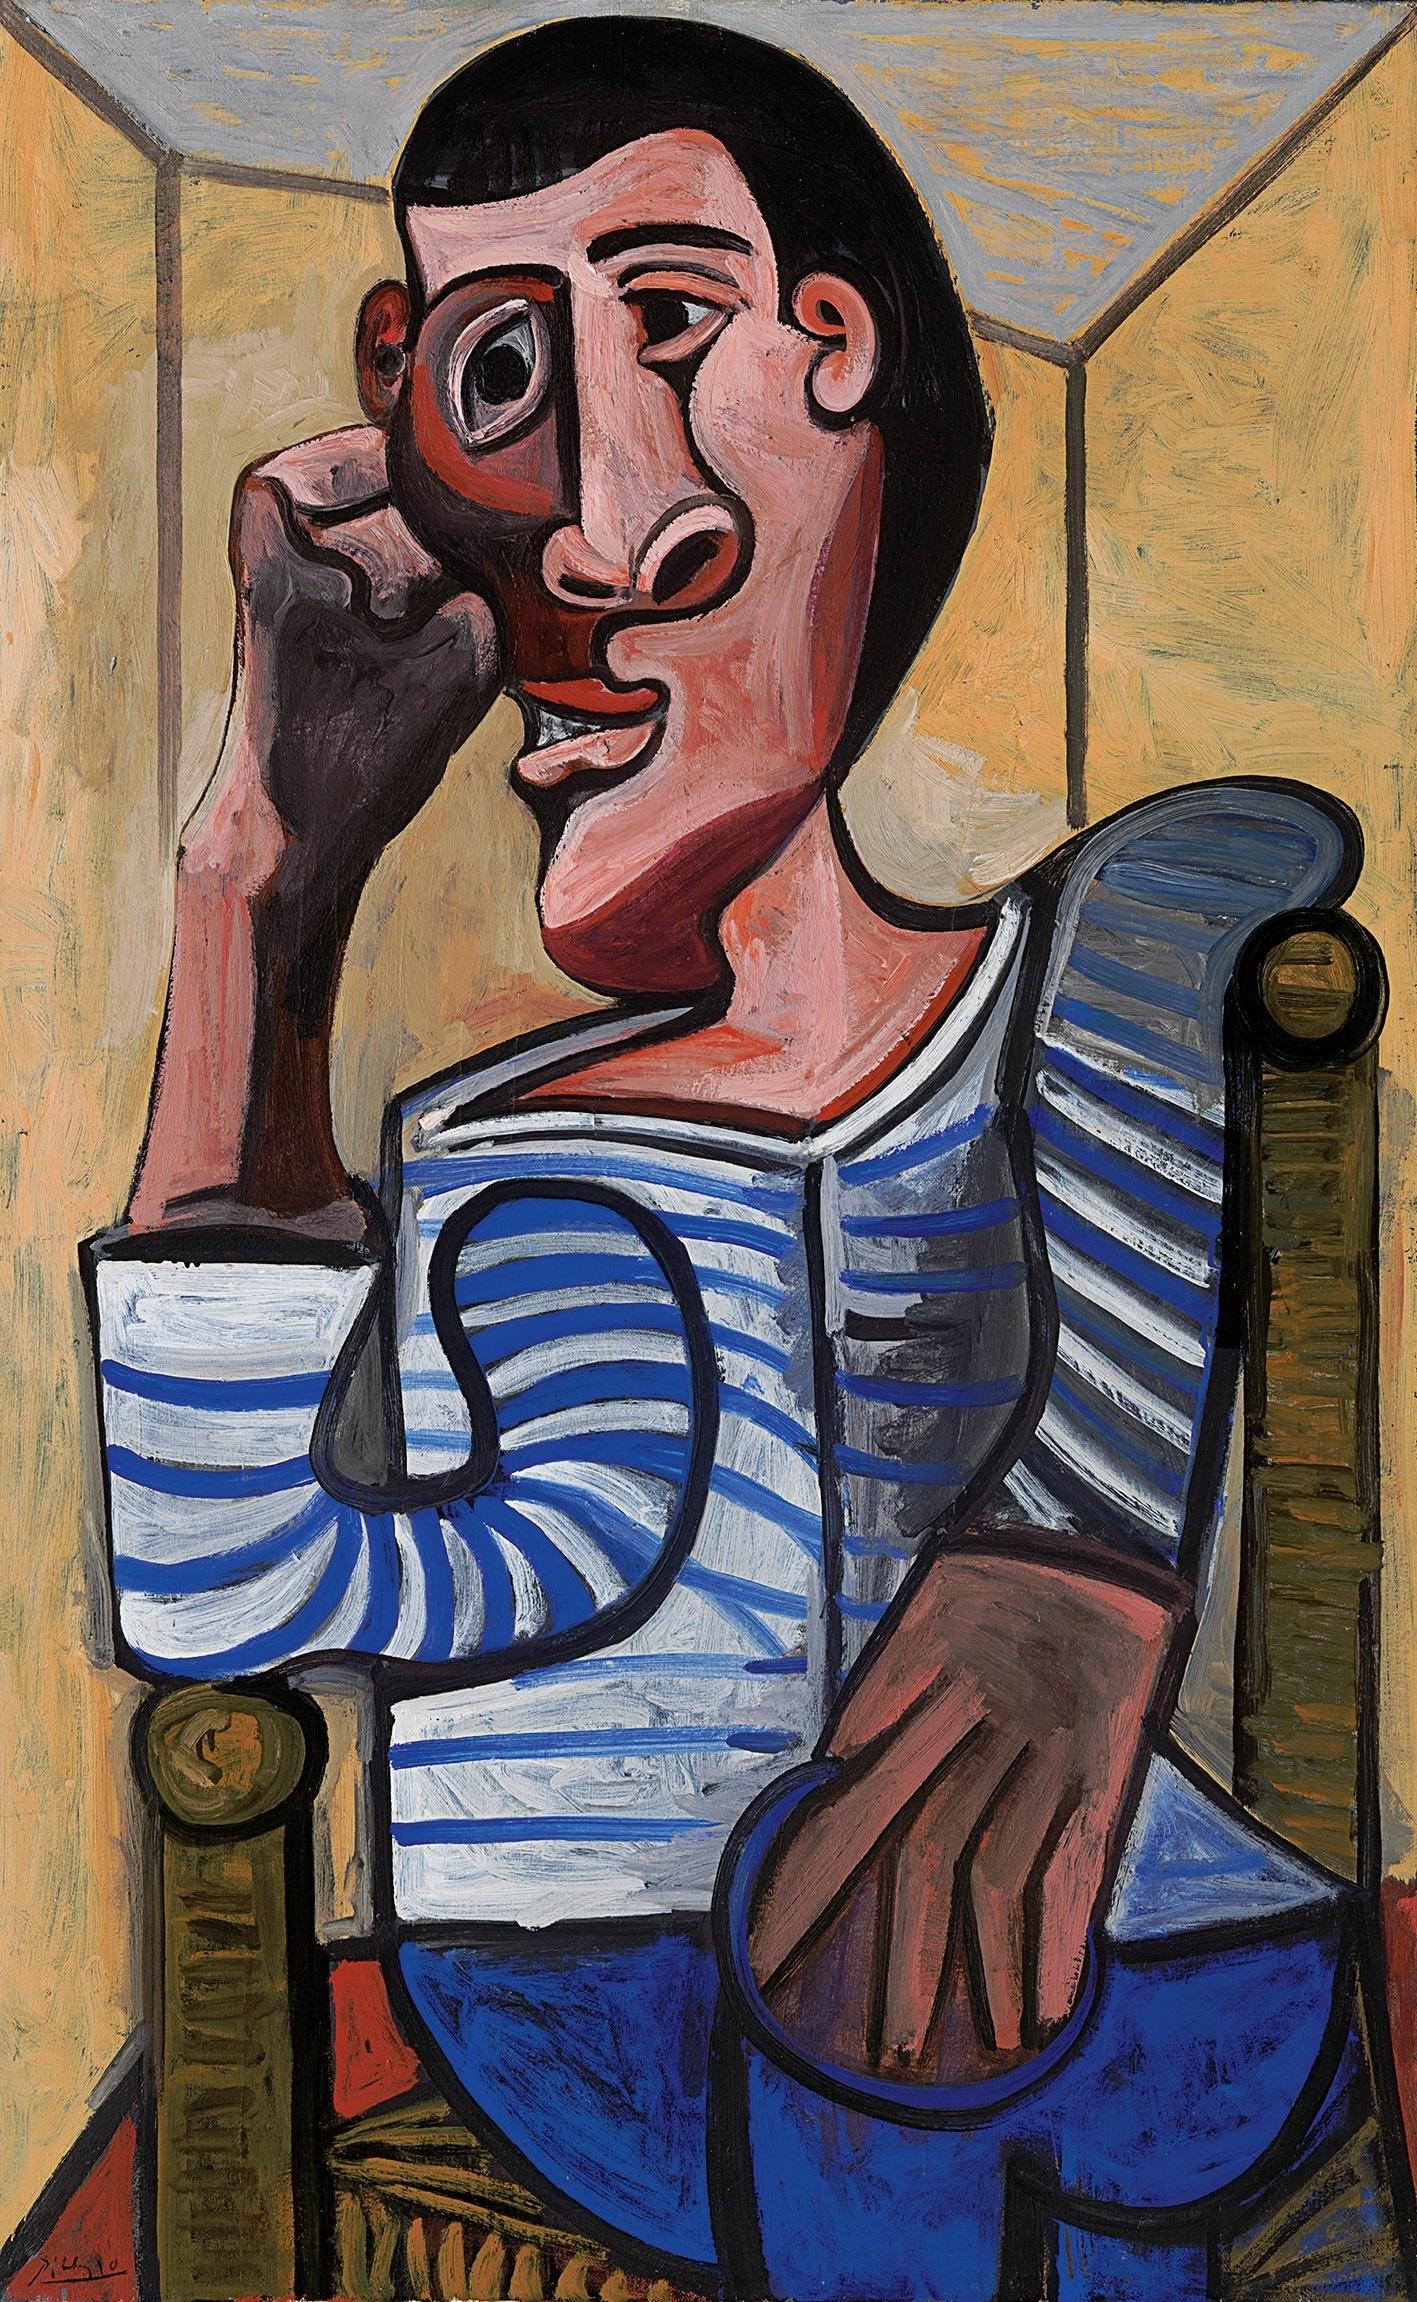 Pablo Picasso, « Le marin », 1943, image ©Christie's